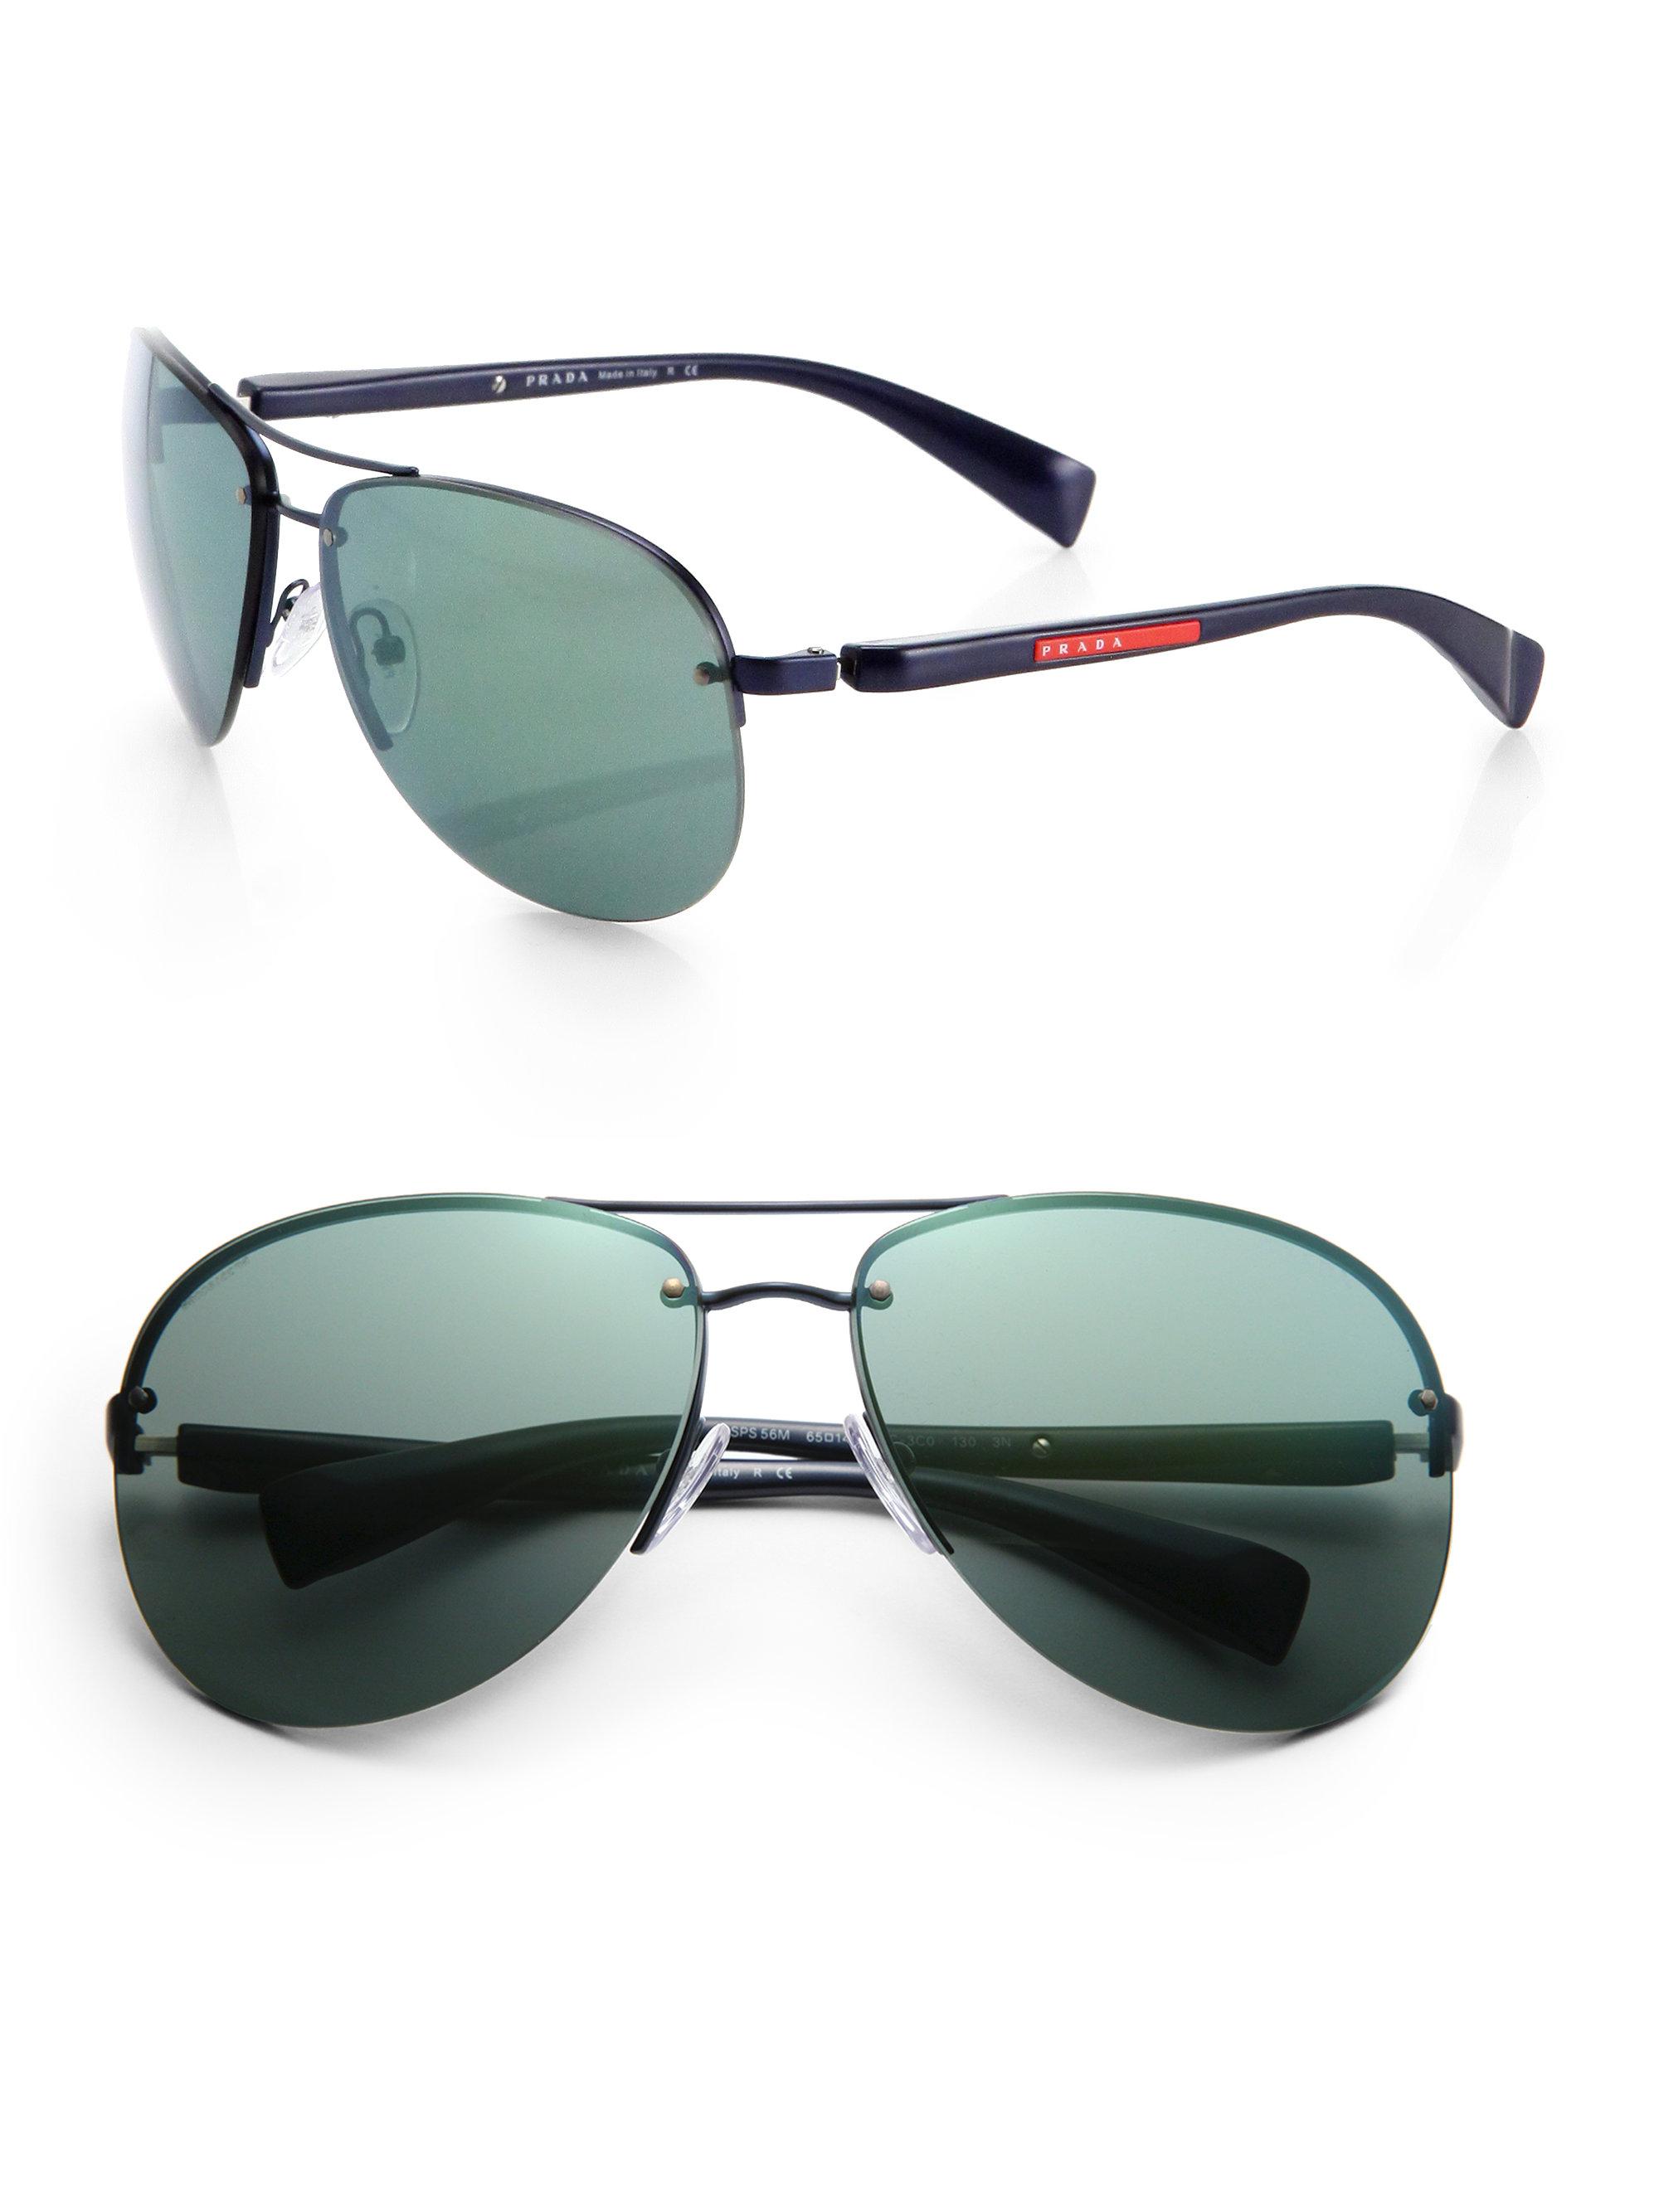 77f359d846937 Prada Aviator Sunglasses For Men